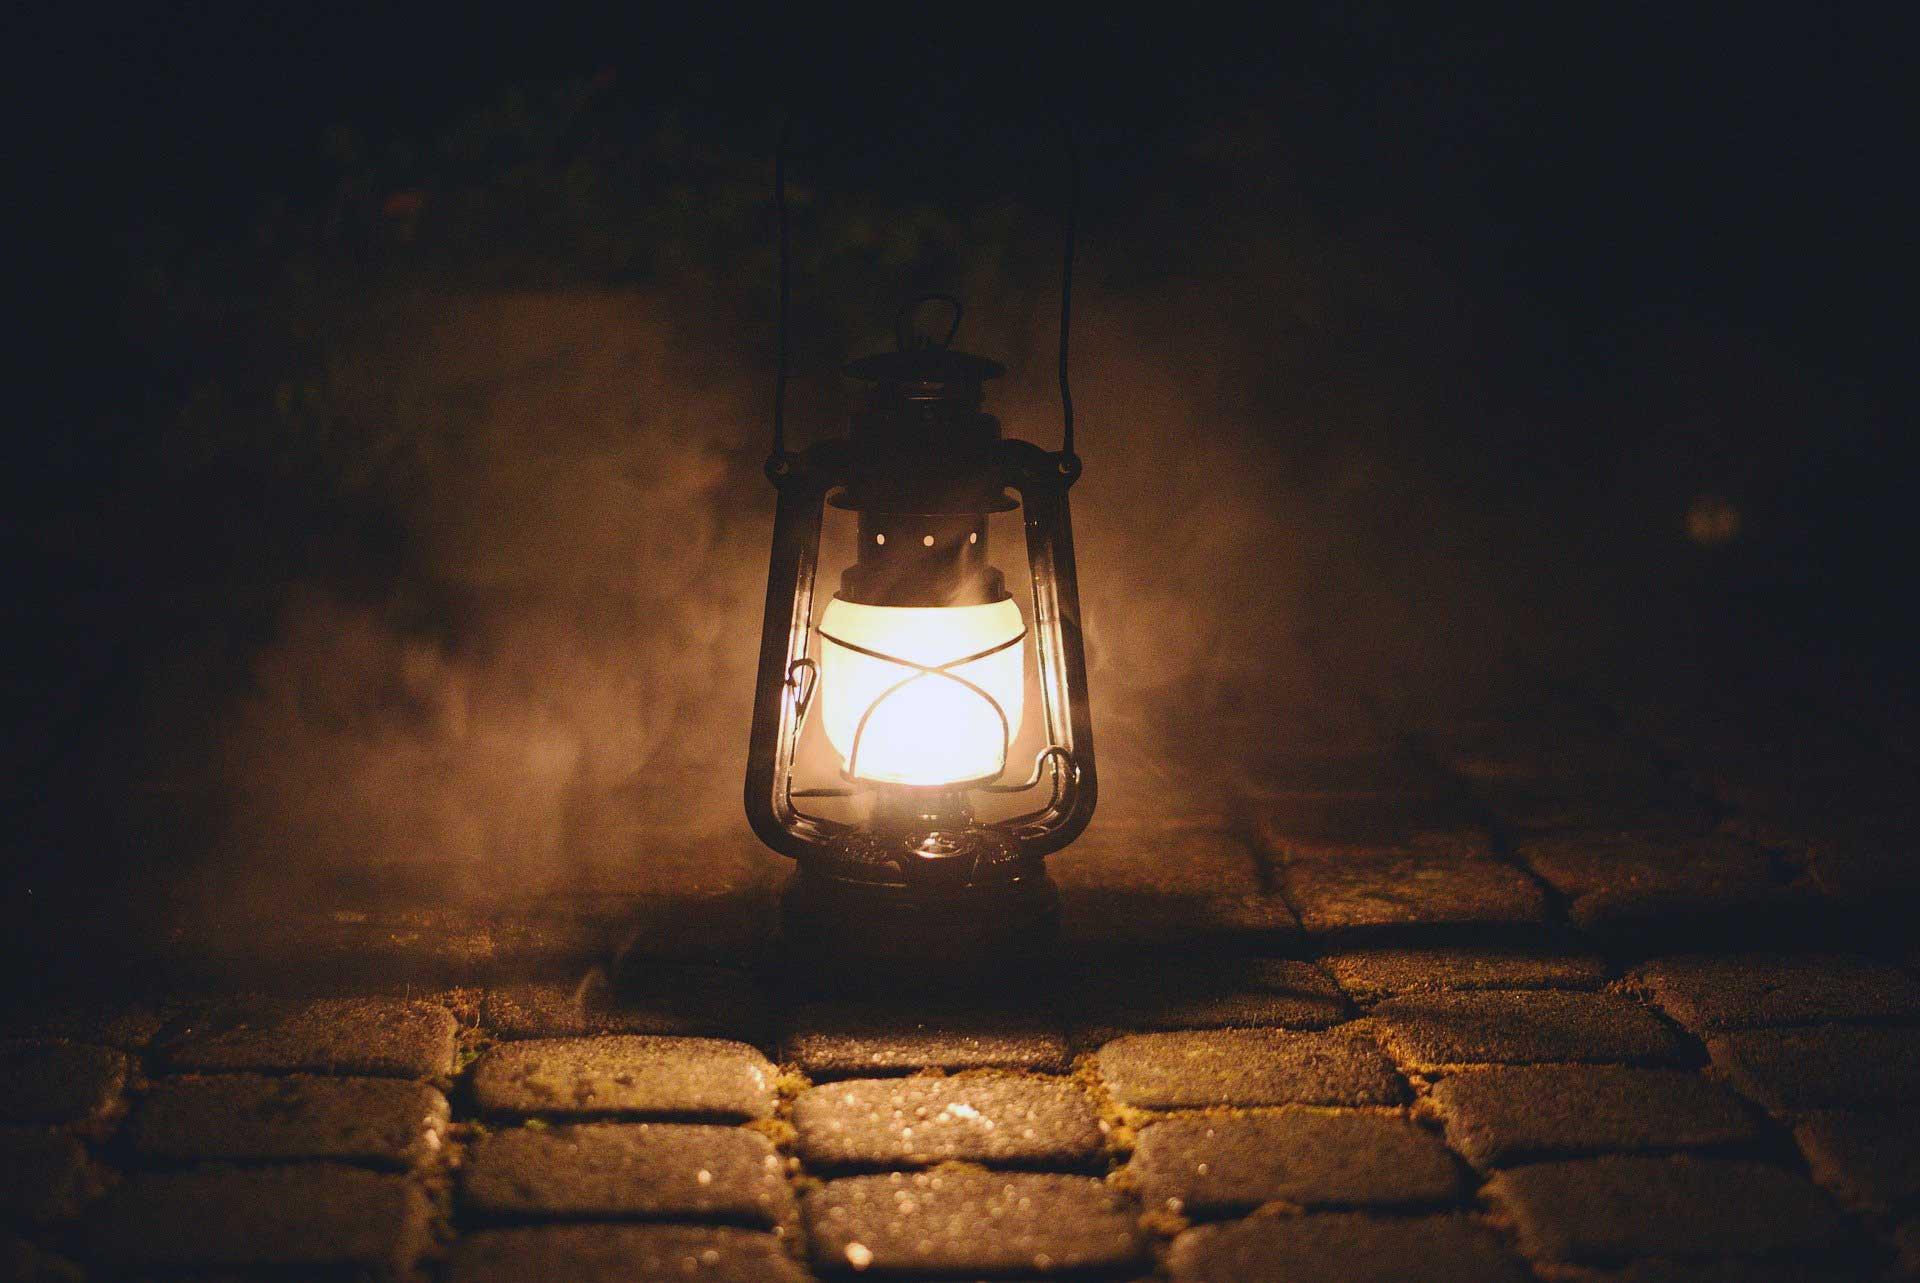 Tas yol uzerinde gaz lambasi